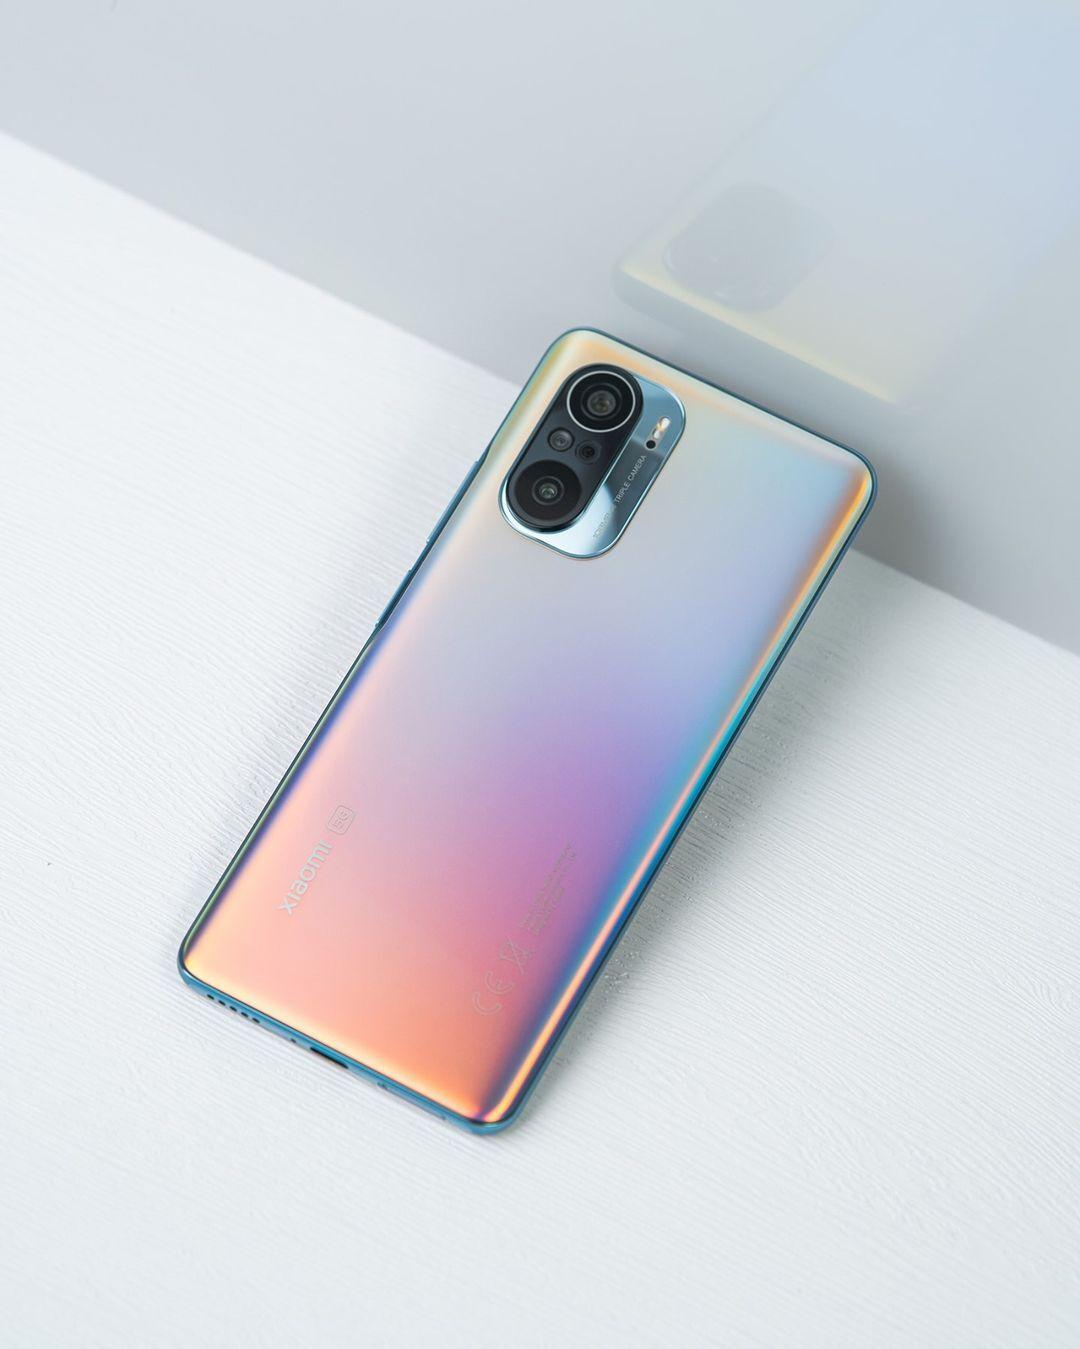 Xiaomi по ошибке снизила цену на флагманские смартфоны в восемь раз